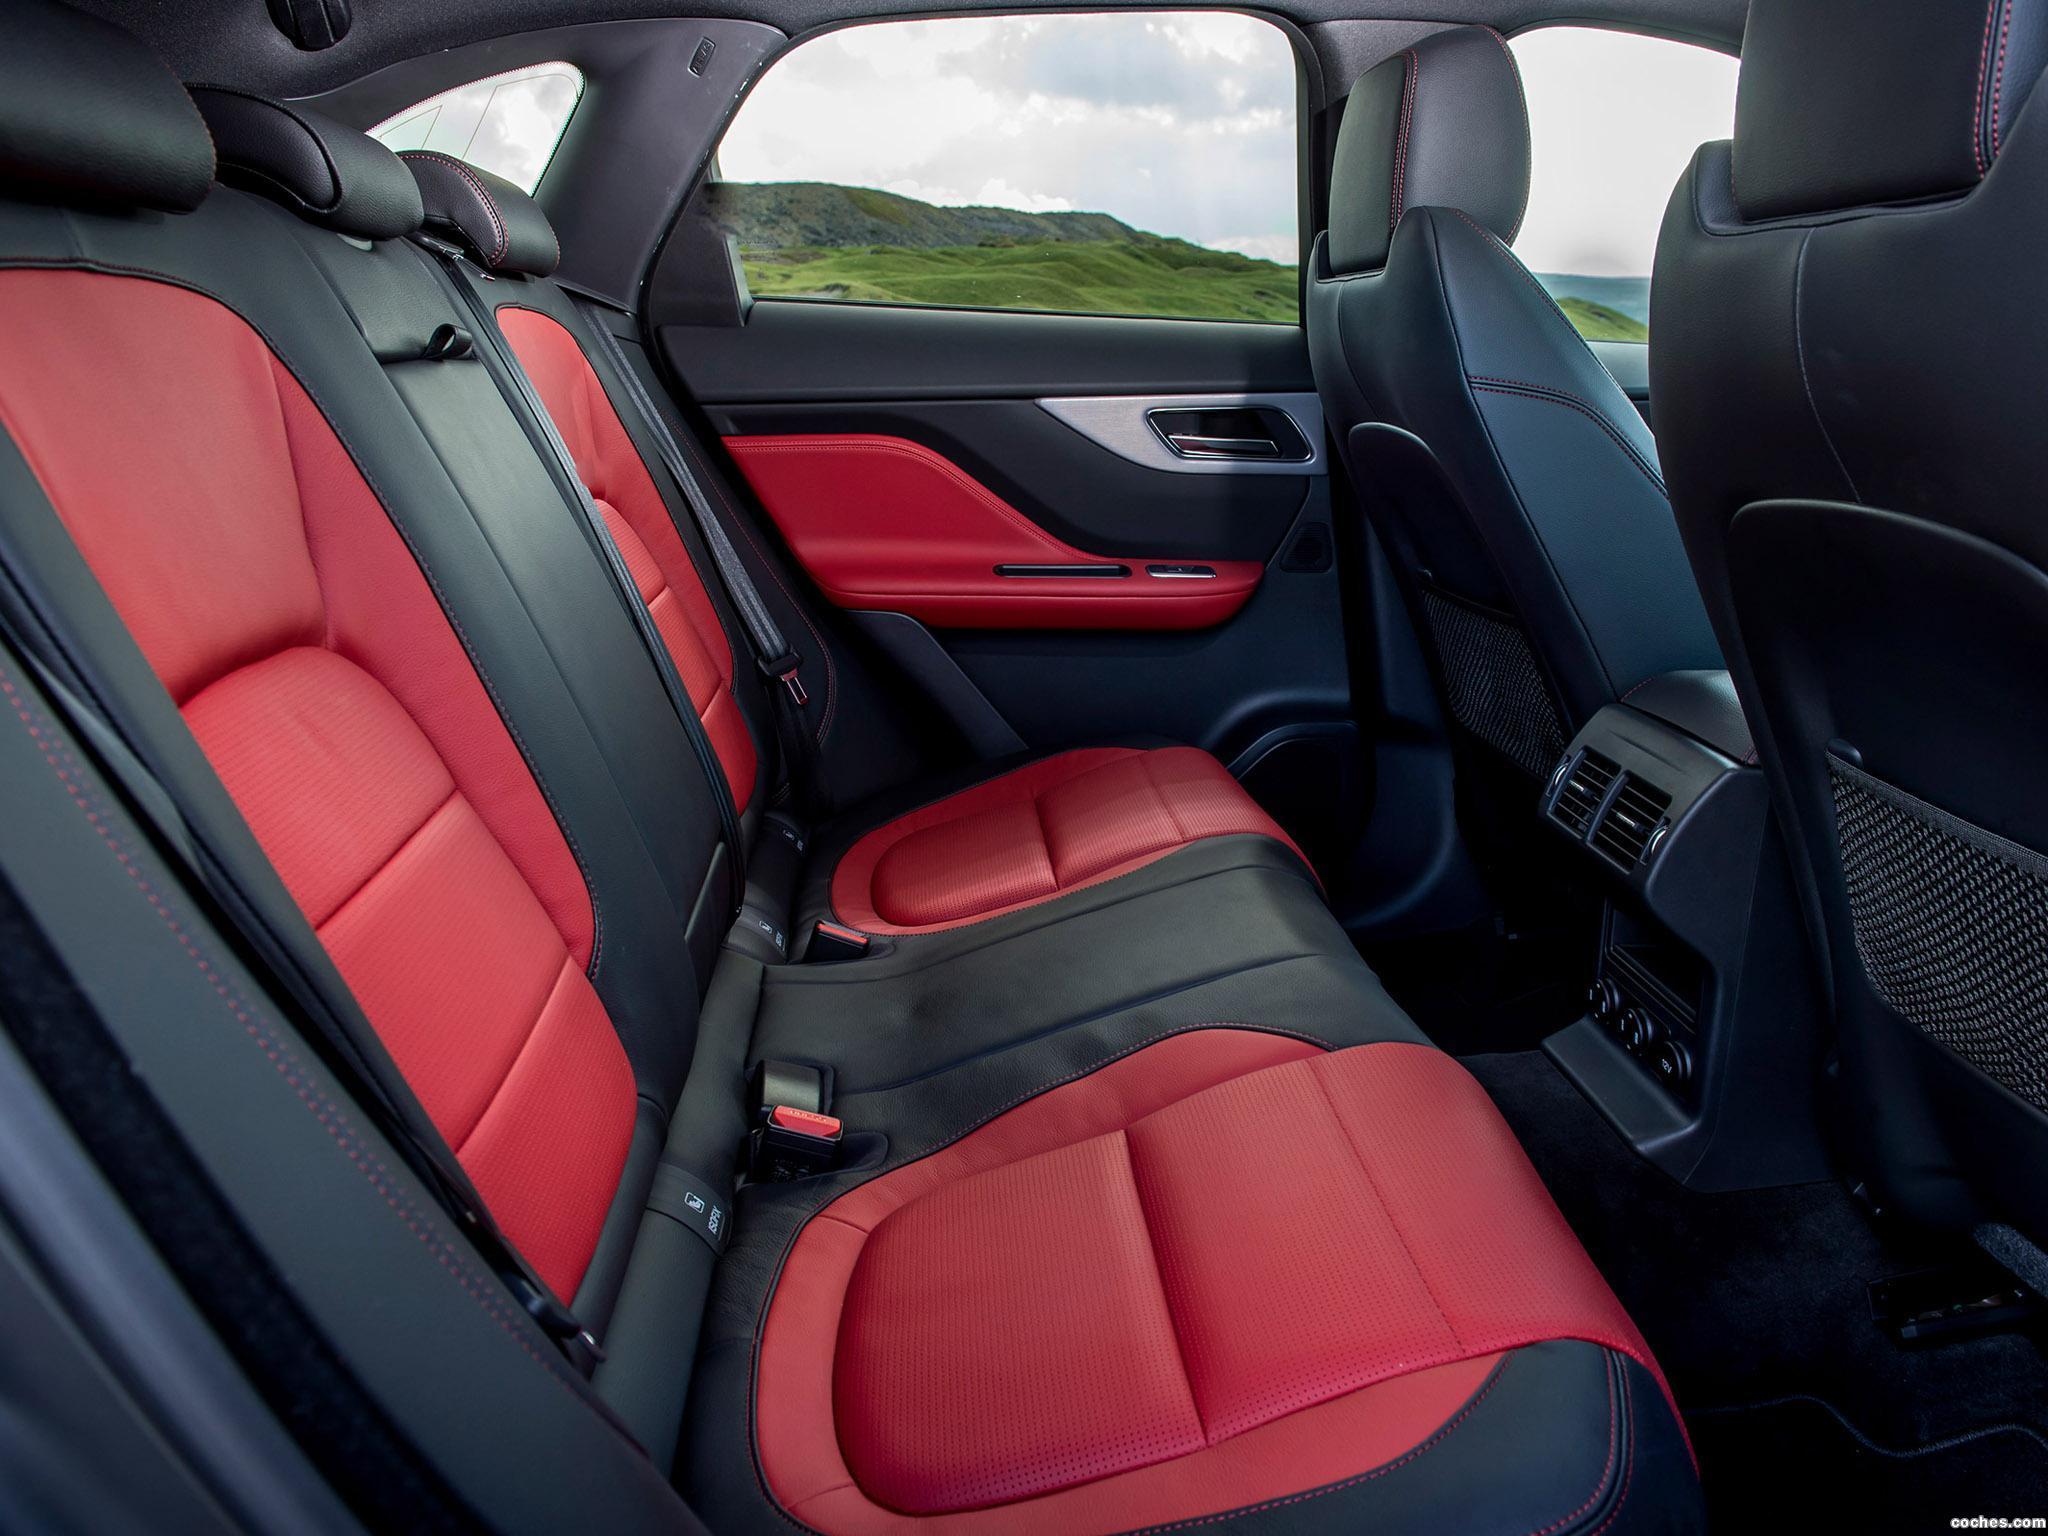 Foto 3 de Jaguar F-Pace S 30d AWD UK 2016